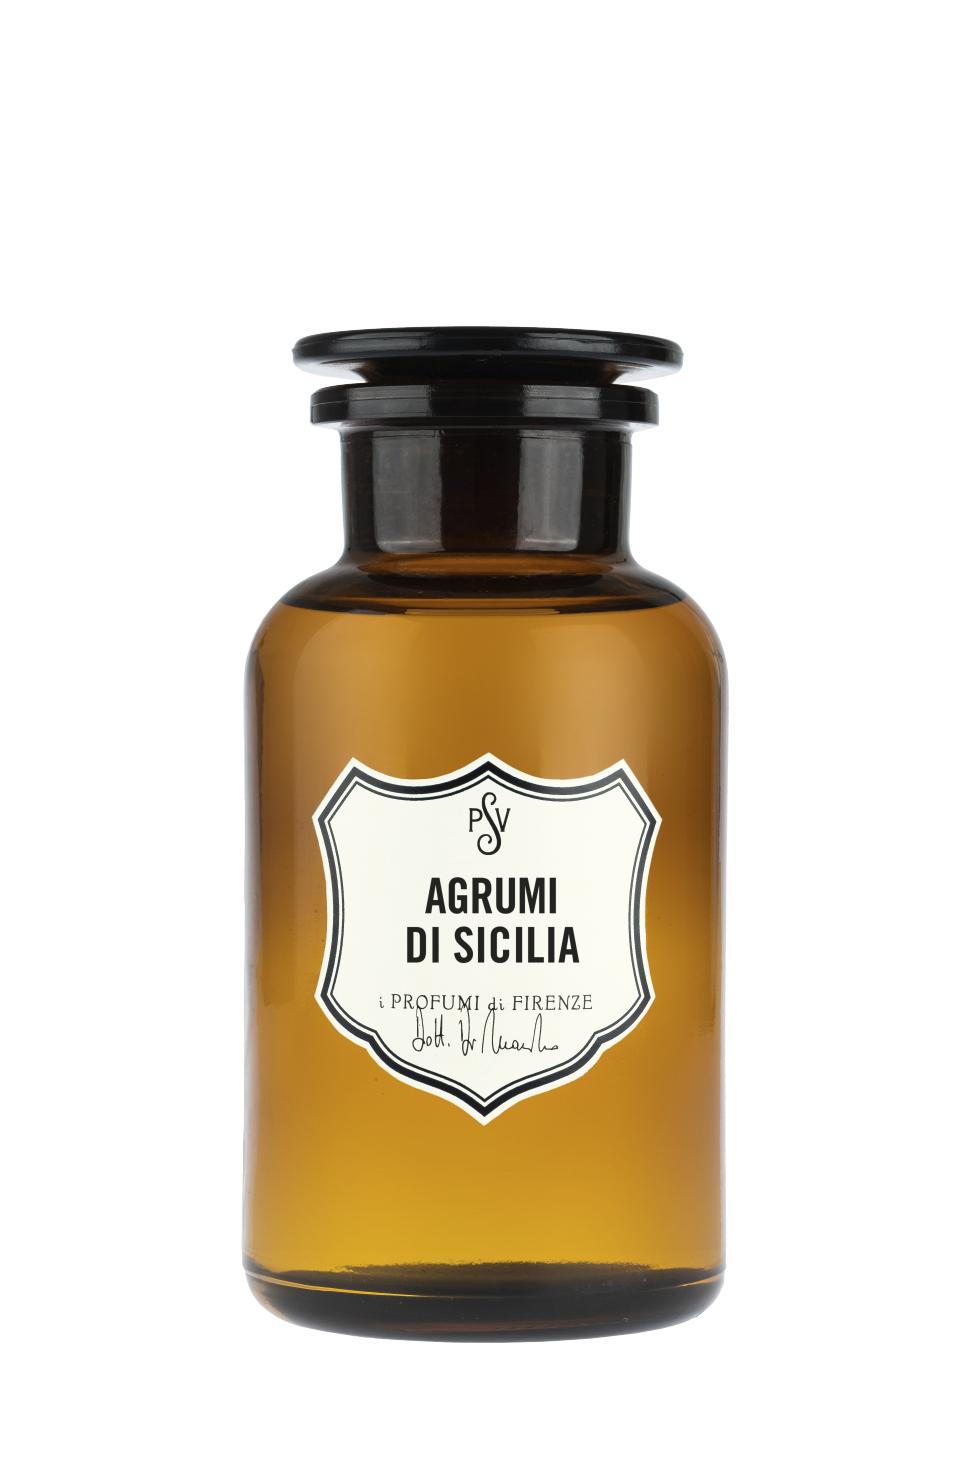 AGRUMI DI SICILIA - Home Fragrance-4521